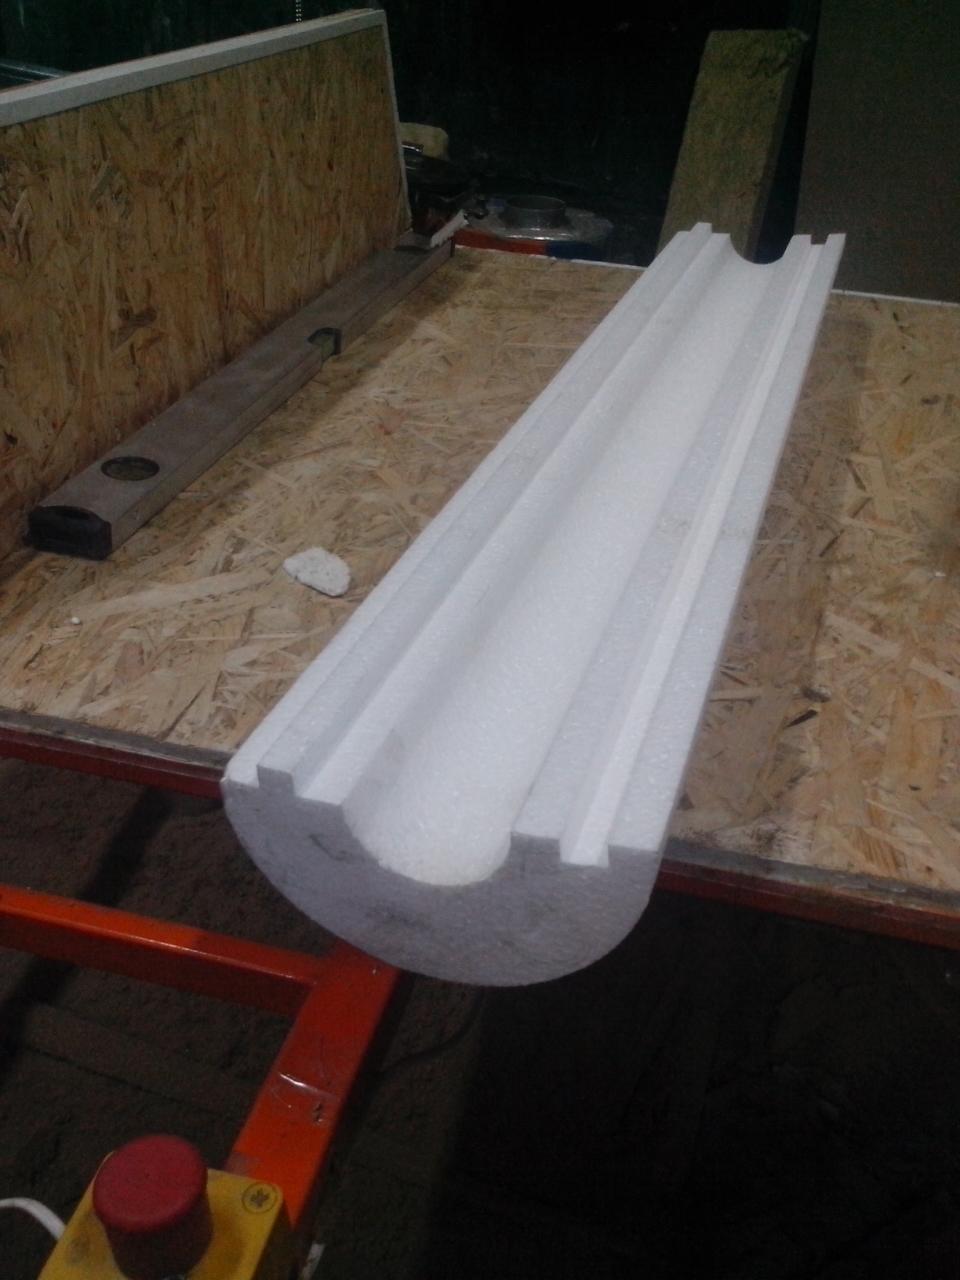 Утеплитель из пенопласта (пенополистирола) для труб Ø 114 мм толщиной 90 мм